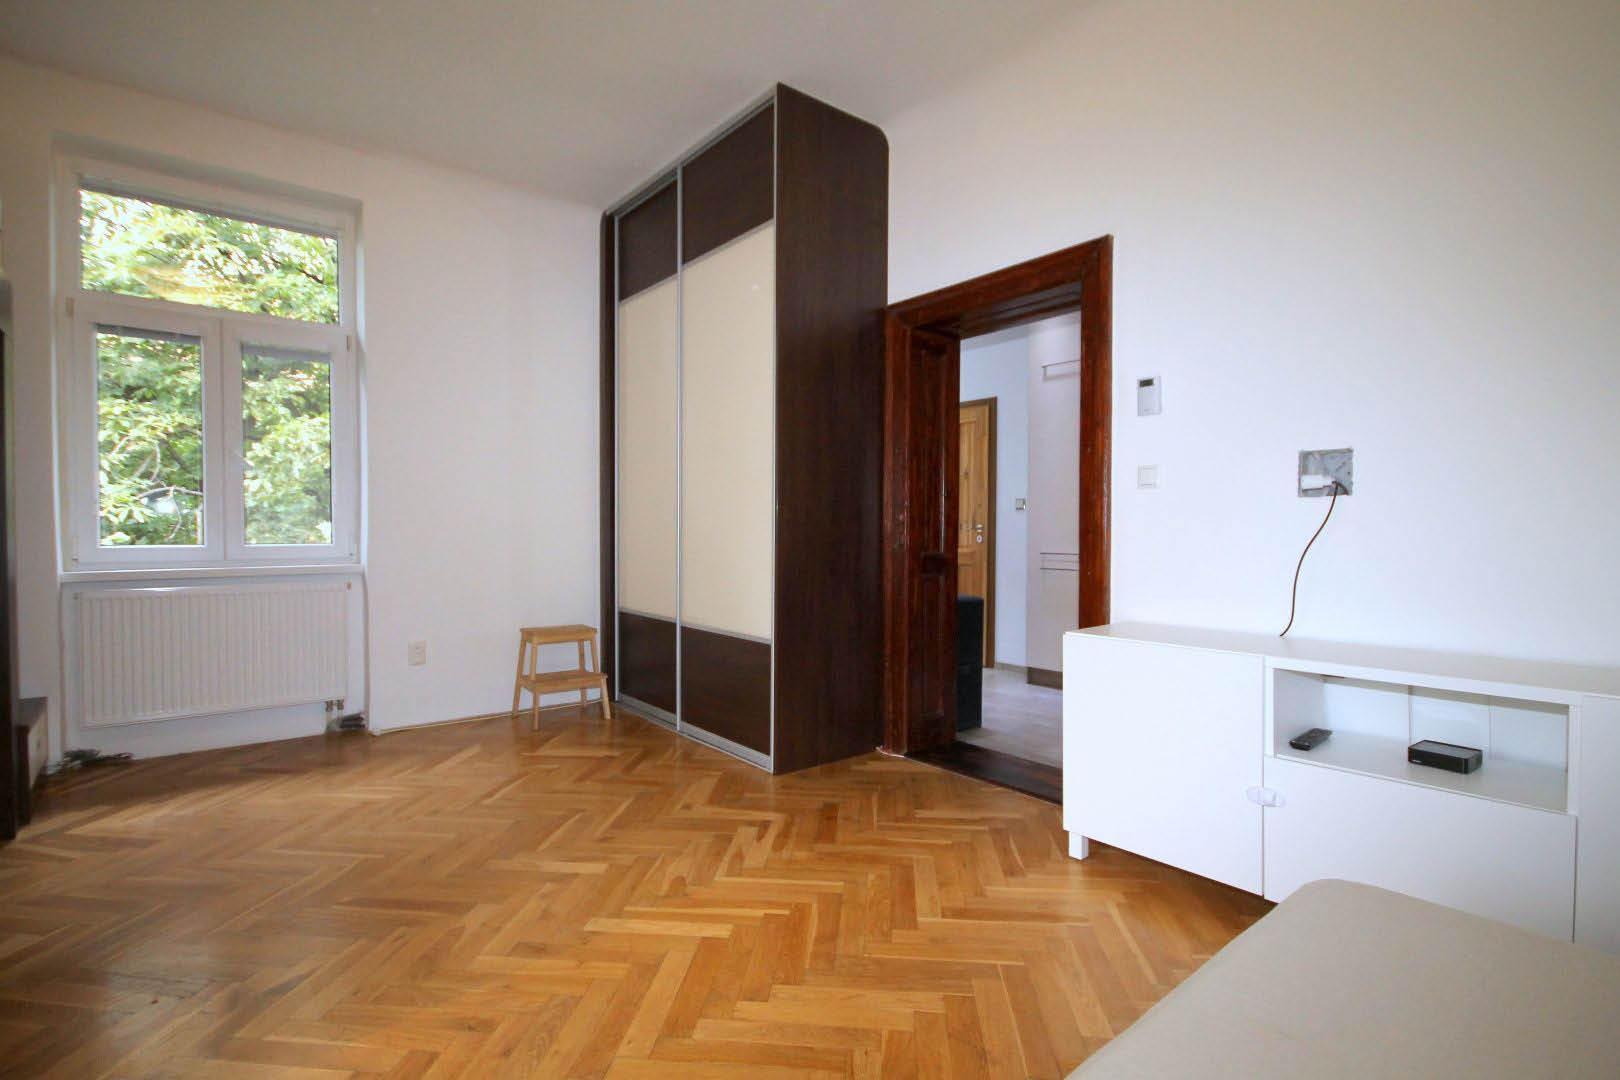 PRENAJATÉ | 1 izbový byt | Palárikova, Bratislava